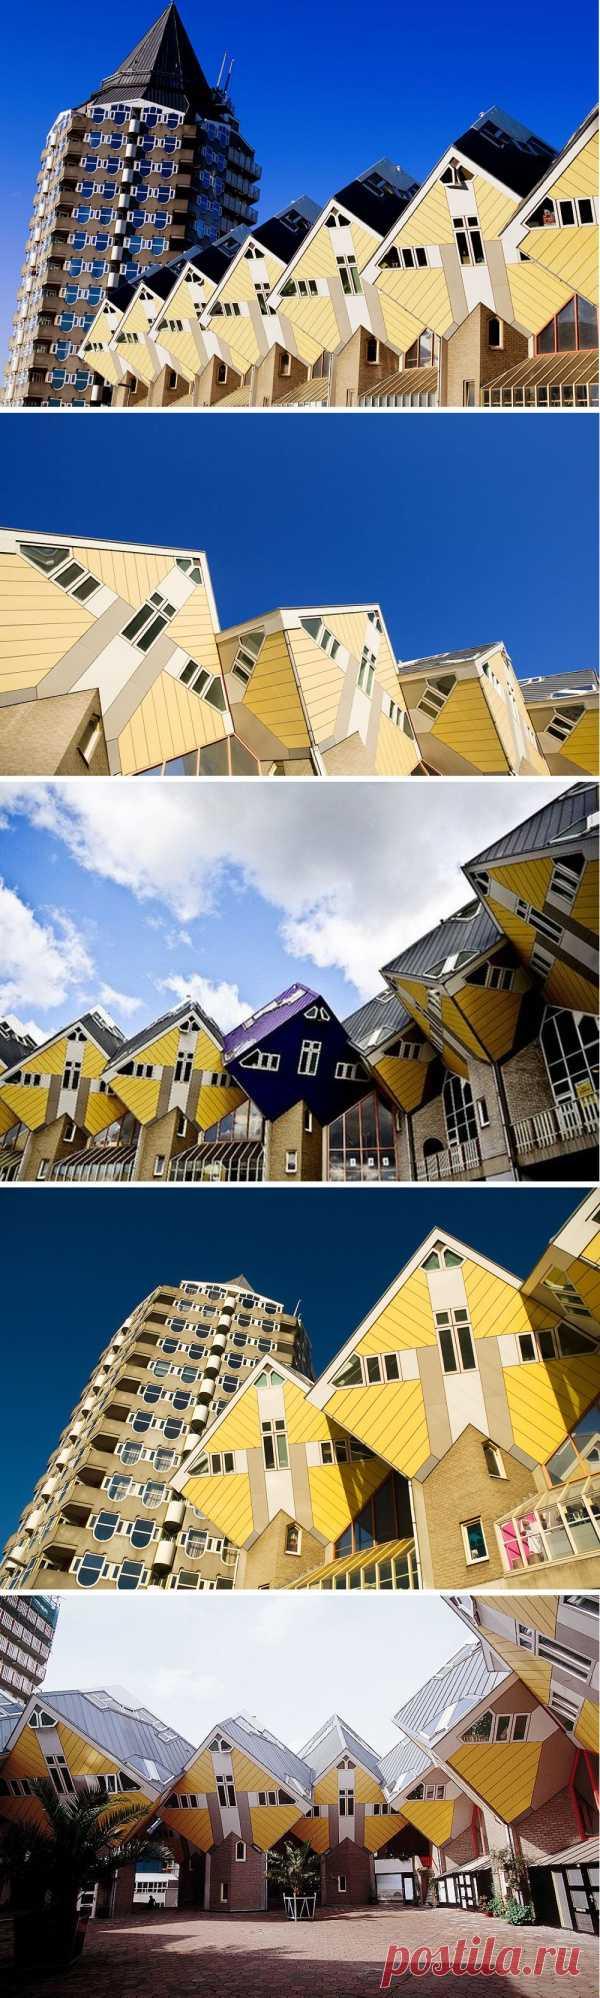 Las casas cúbicas. ¿Viven hasta aquí las personas? Rotterdam, Países Bajos